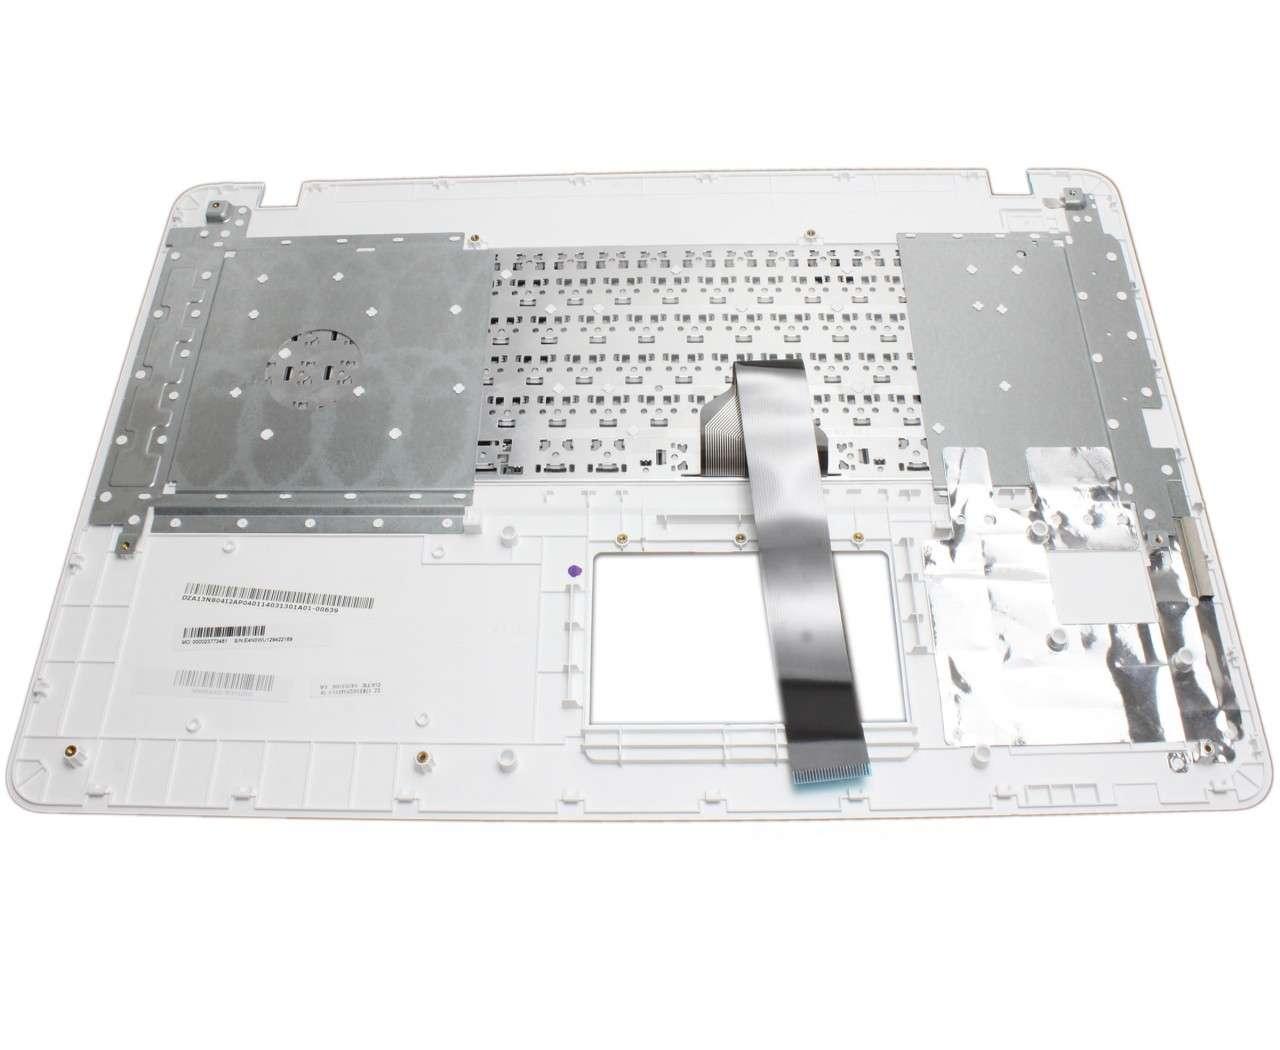 Tastatura Asus NSK-UGL01 neagra cu Palmrest alb imagine